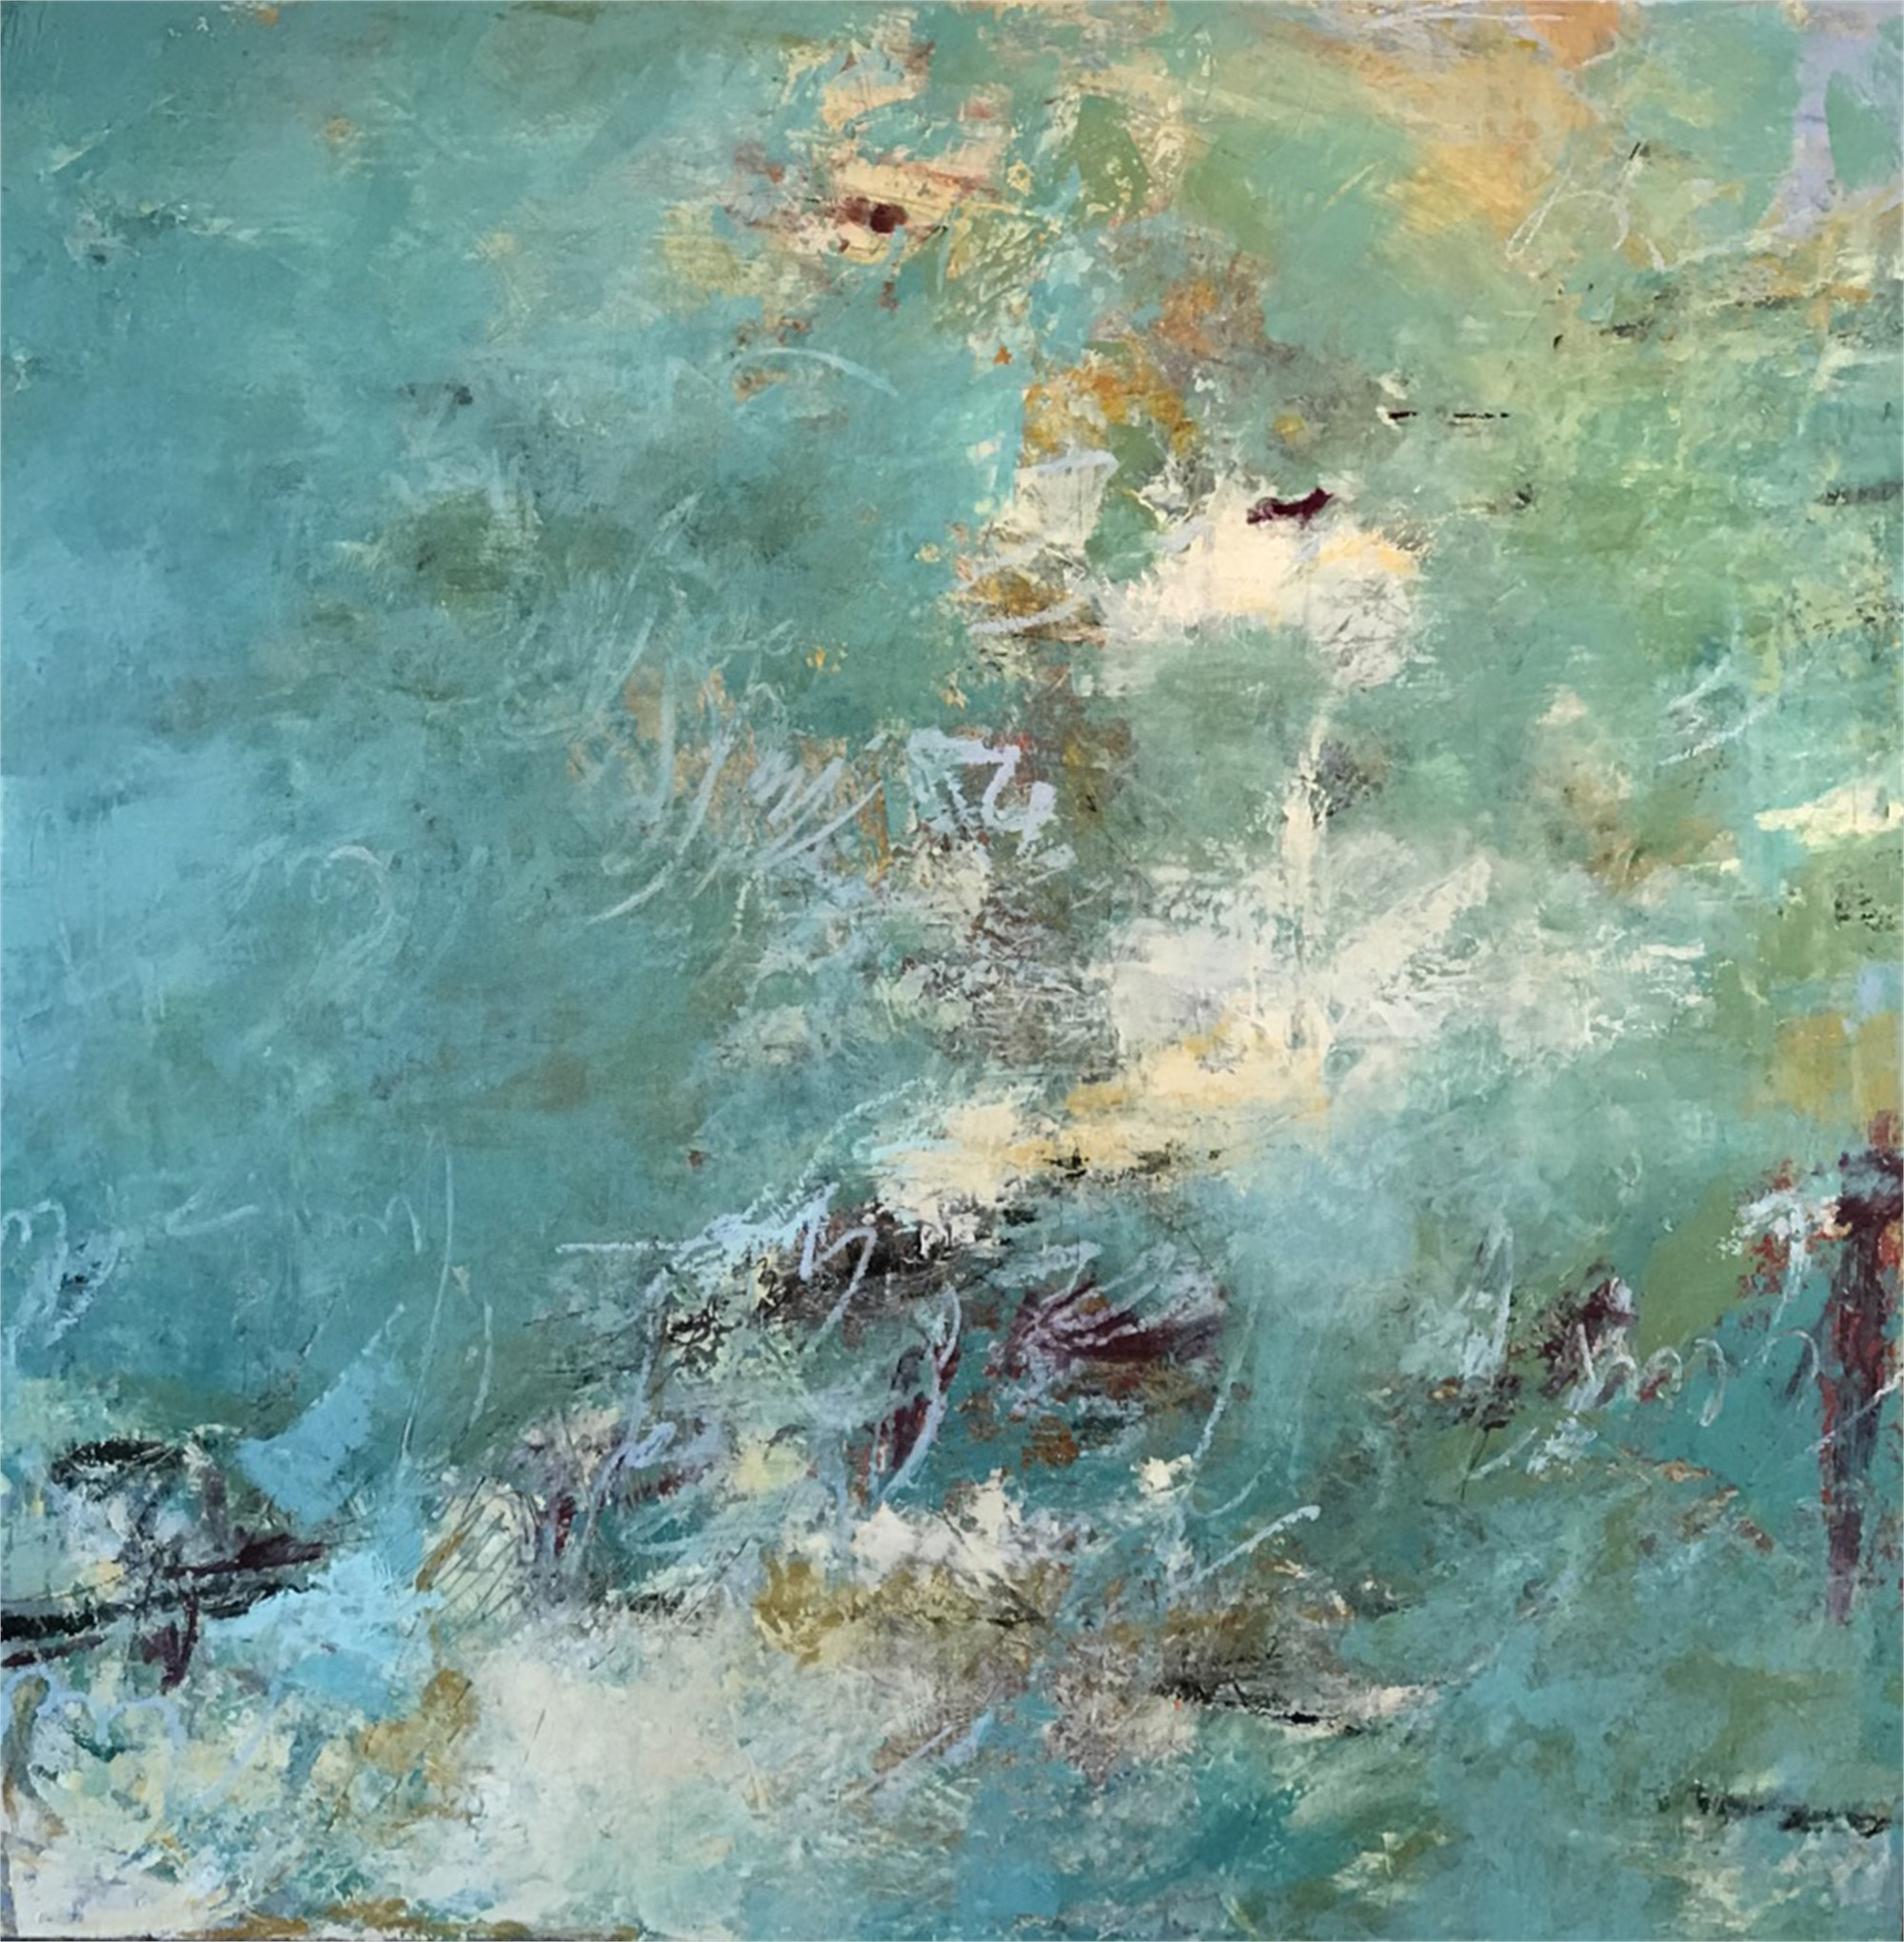 Gulf Stream by Cindy Walton